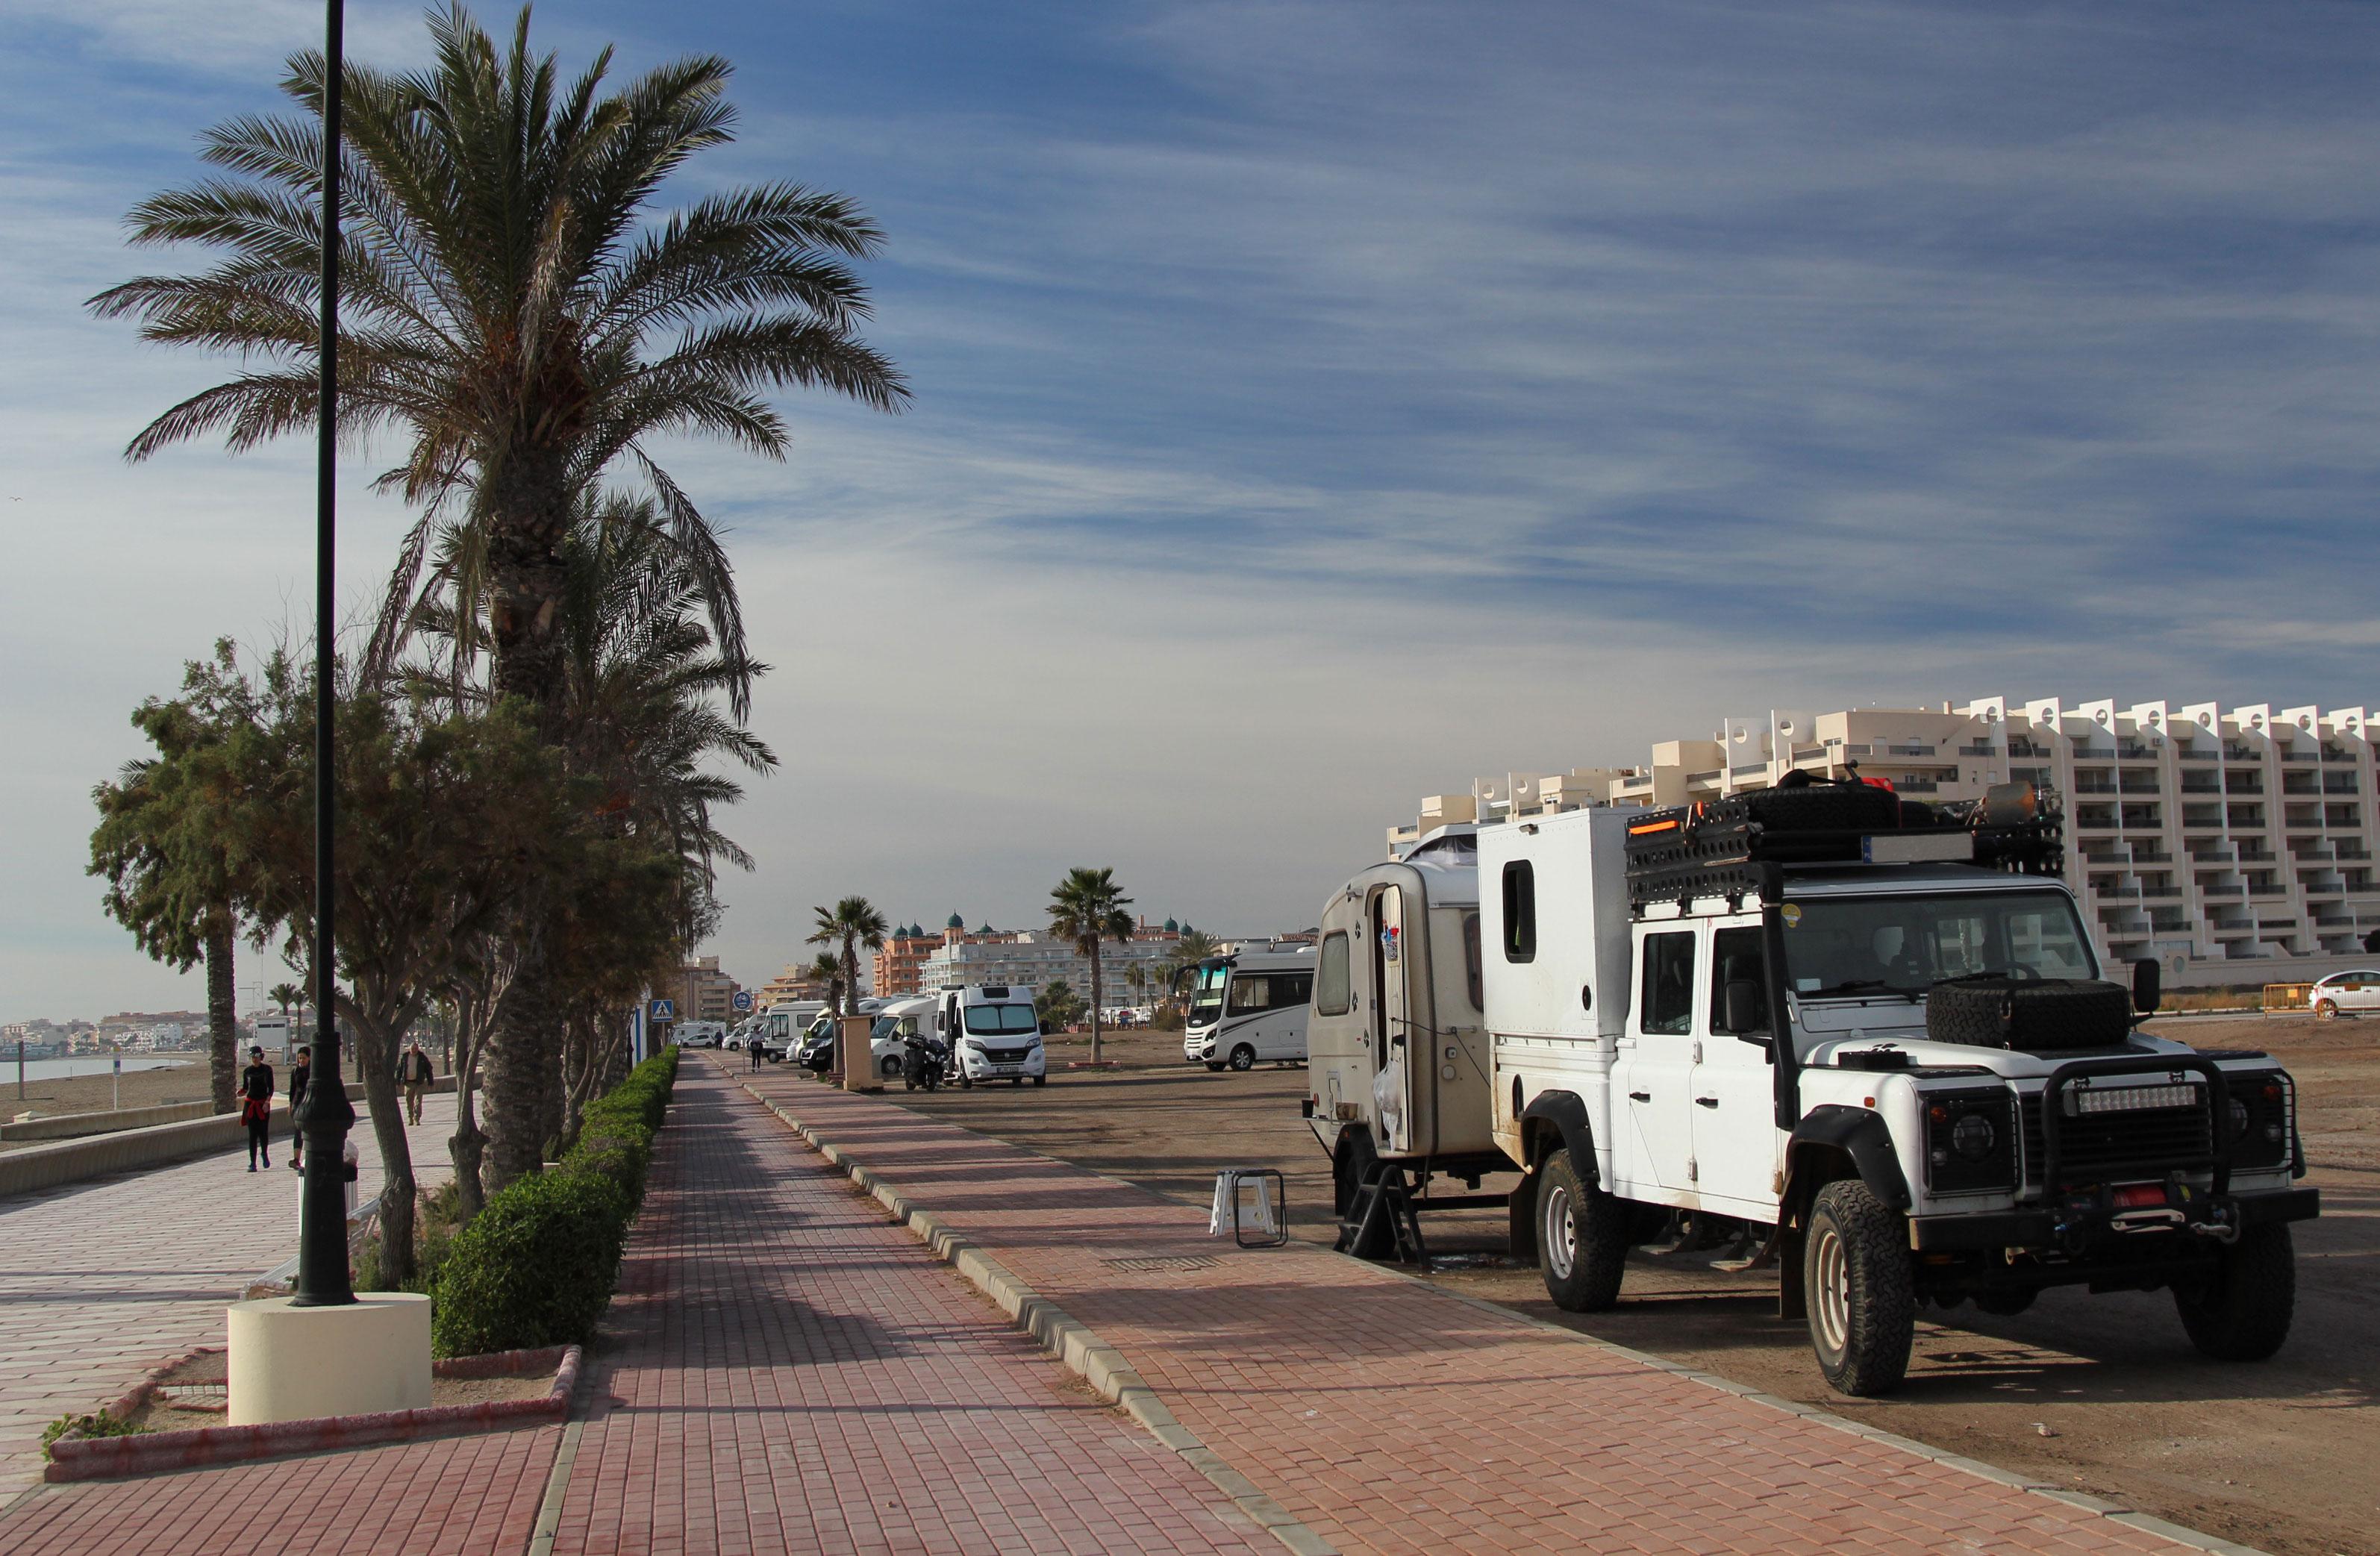 Hiszpania.Andaluzja.Roquetas de Mar.Darmowy parking przy plaży.